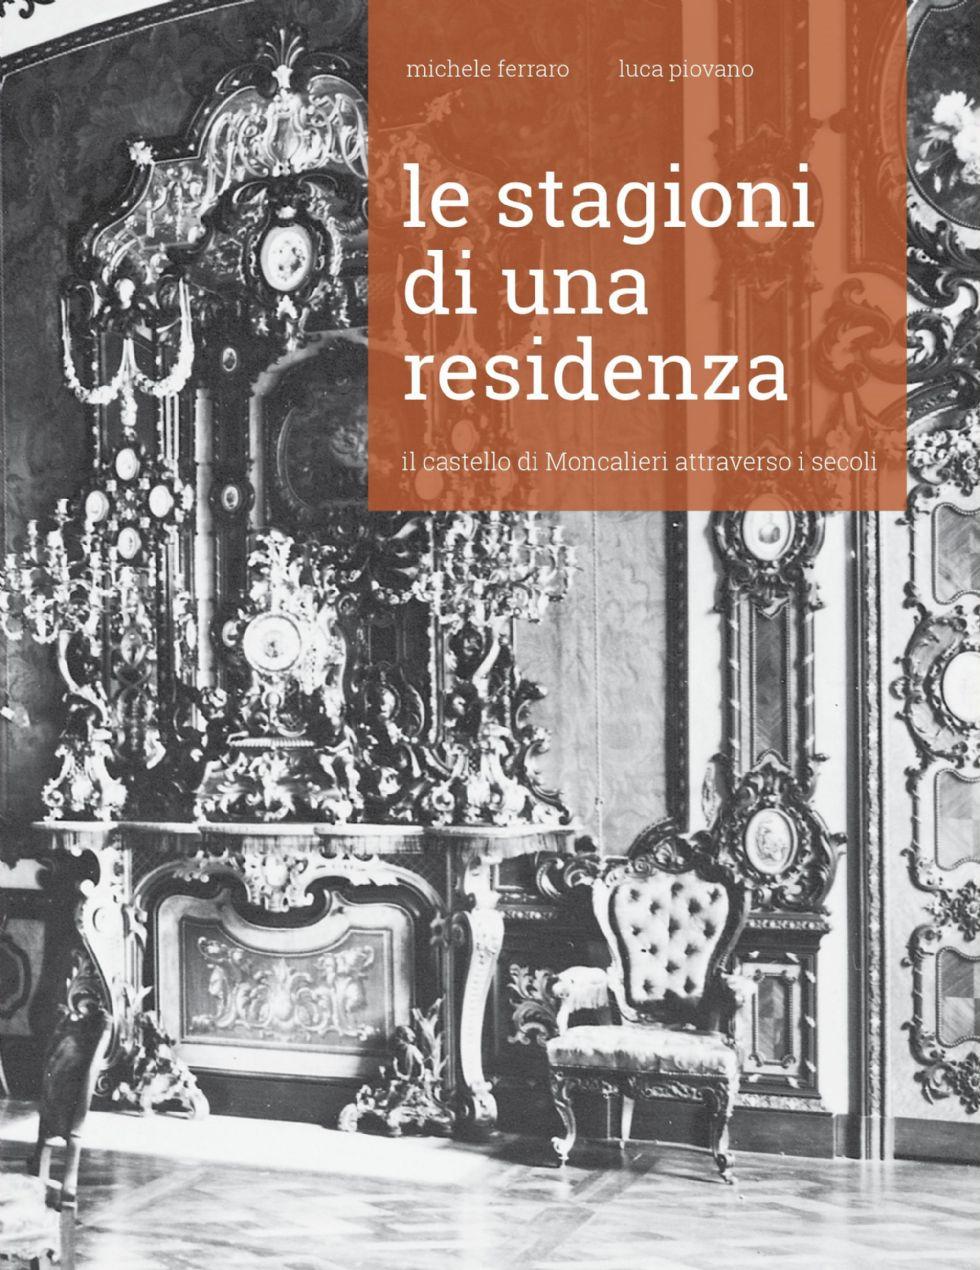 MONCALIERI - Un libro per scoprire i segreti del castello reale